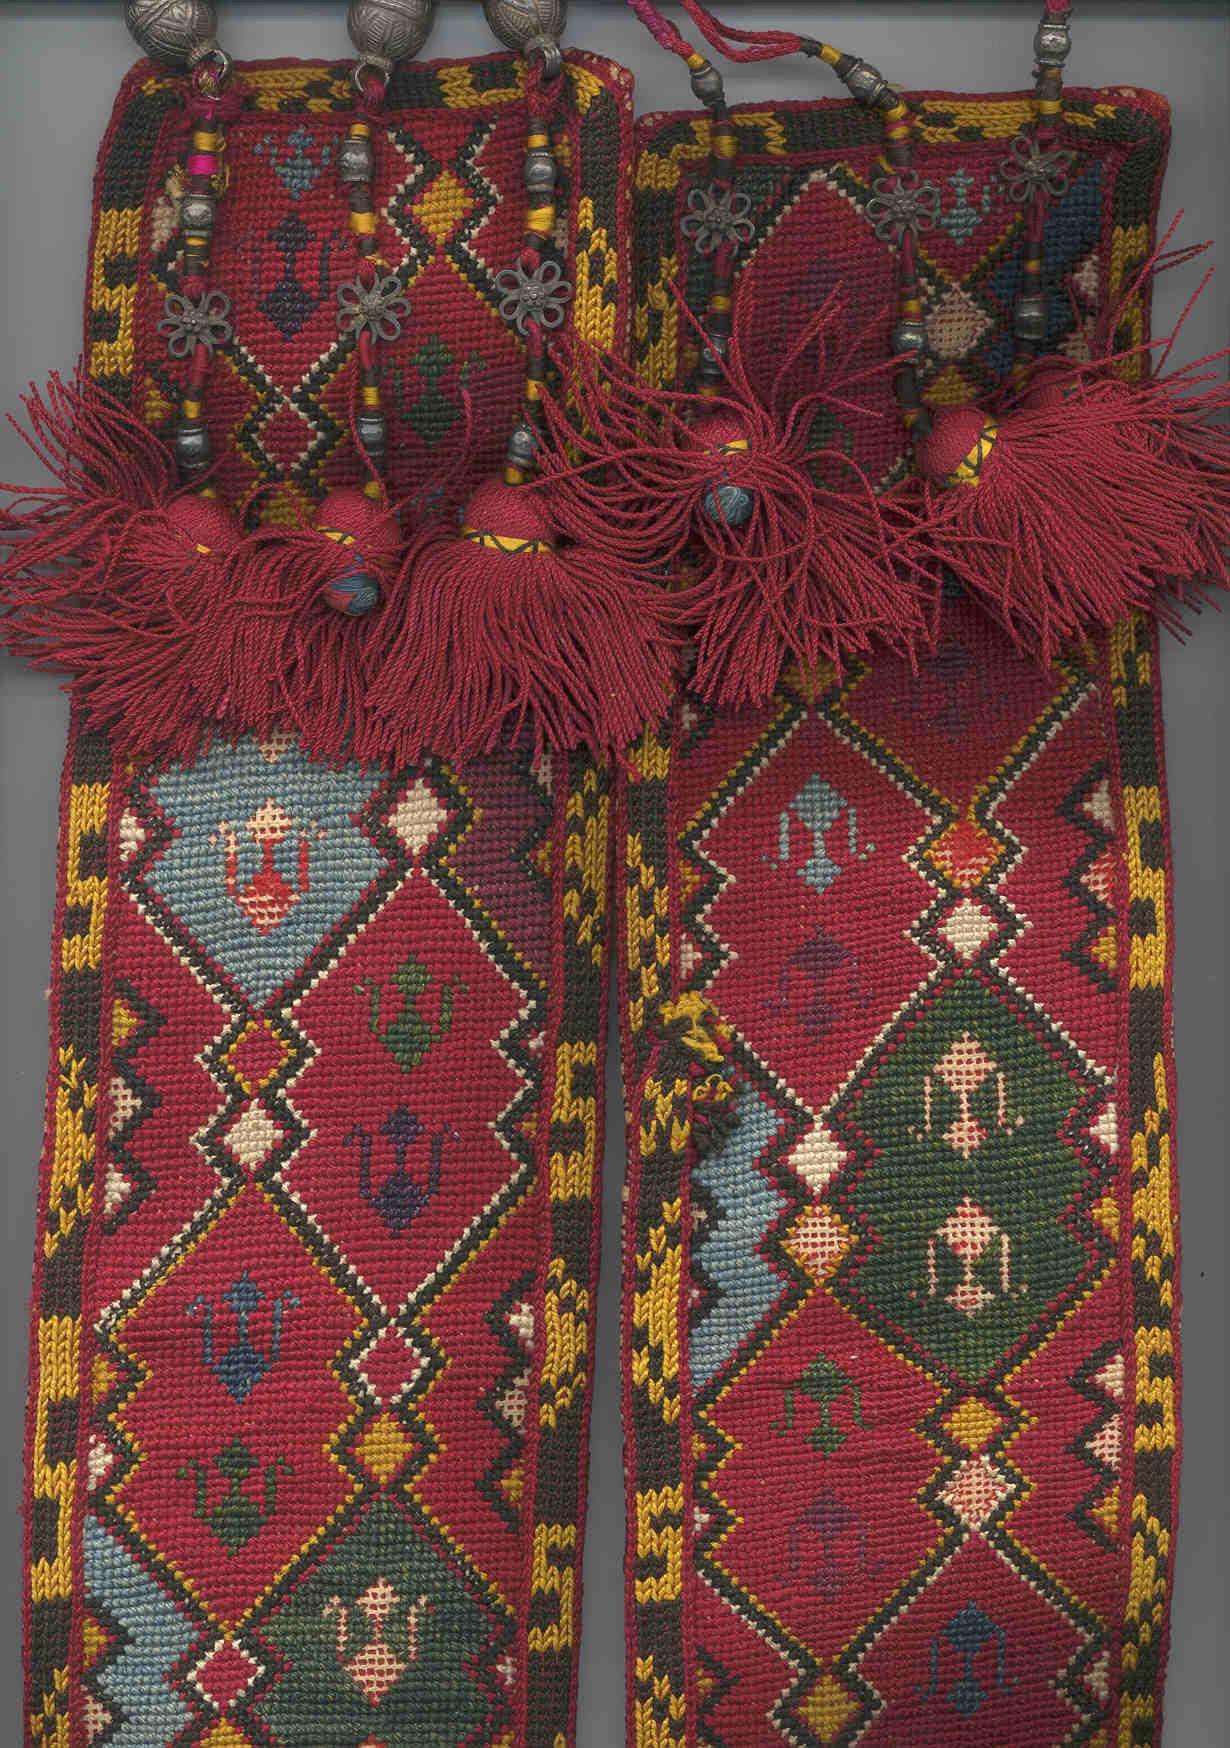 uzbek nomads Lakai belt, 2nd half 19th century, base metal clasp